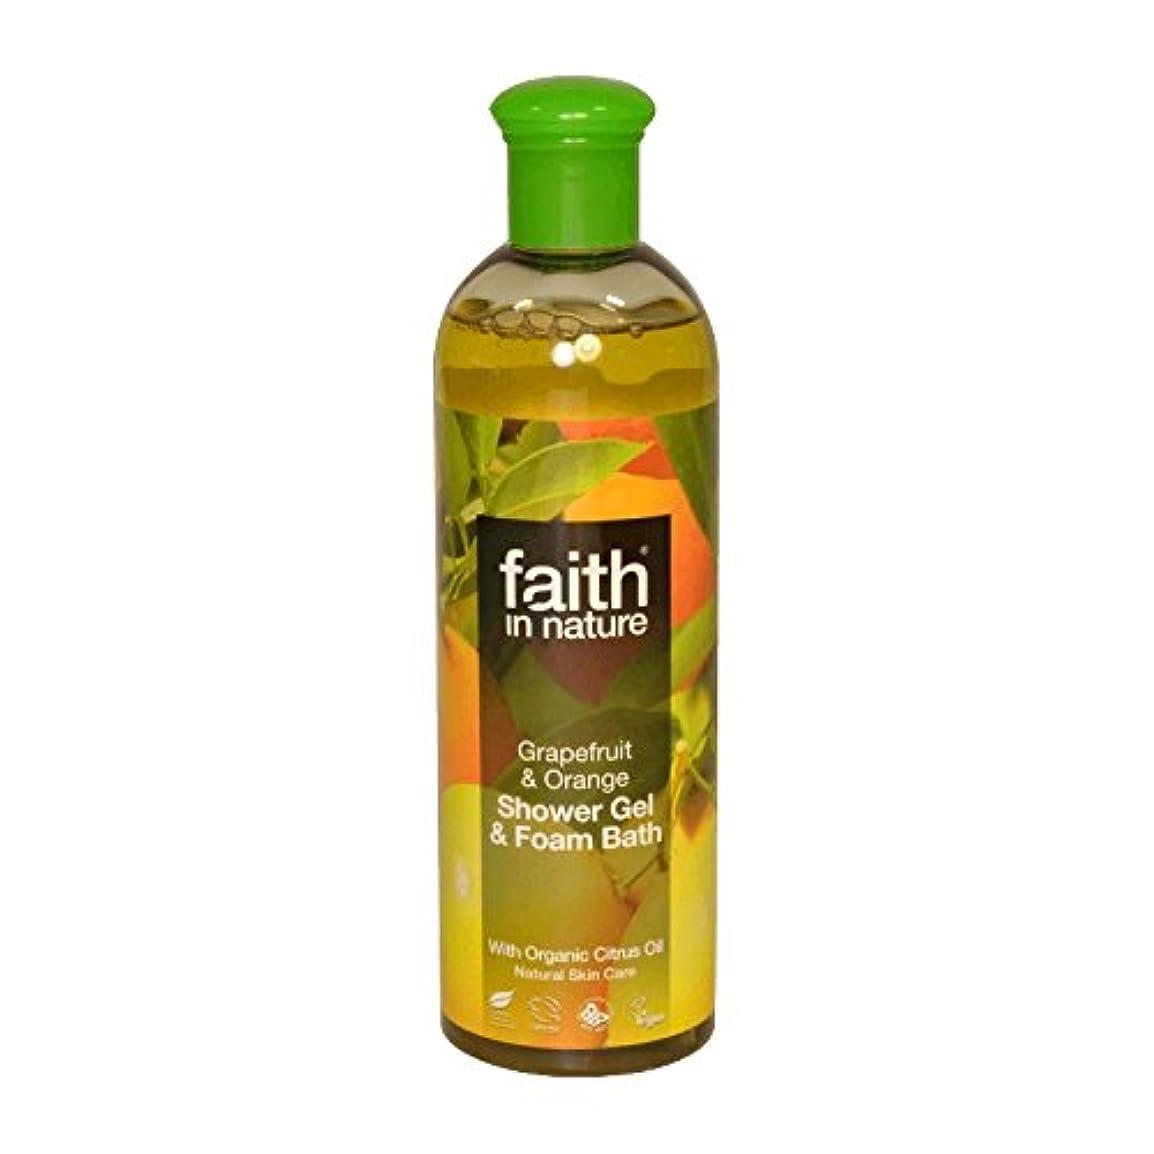 ワーディアンケースアクセル頑丈自然グレープフルーツ&オレンジシャワージェル&バス泡400ミリリットルの信仰 - Faith in Nature Grapefruit & Orange Shower Gel & Bath Foam 400ml (Faith in Nature) [並行輸入品]